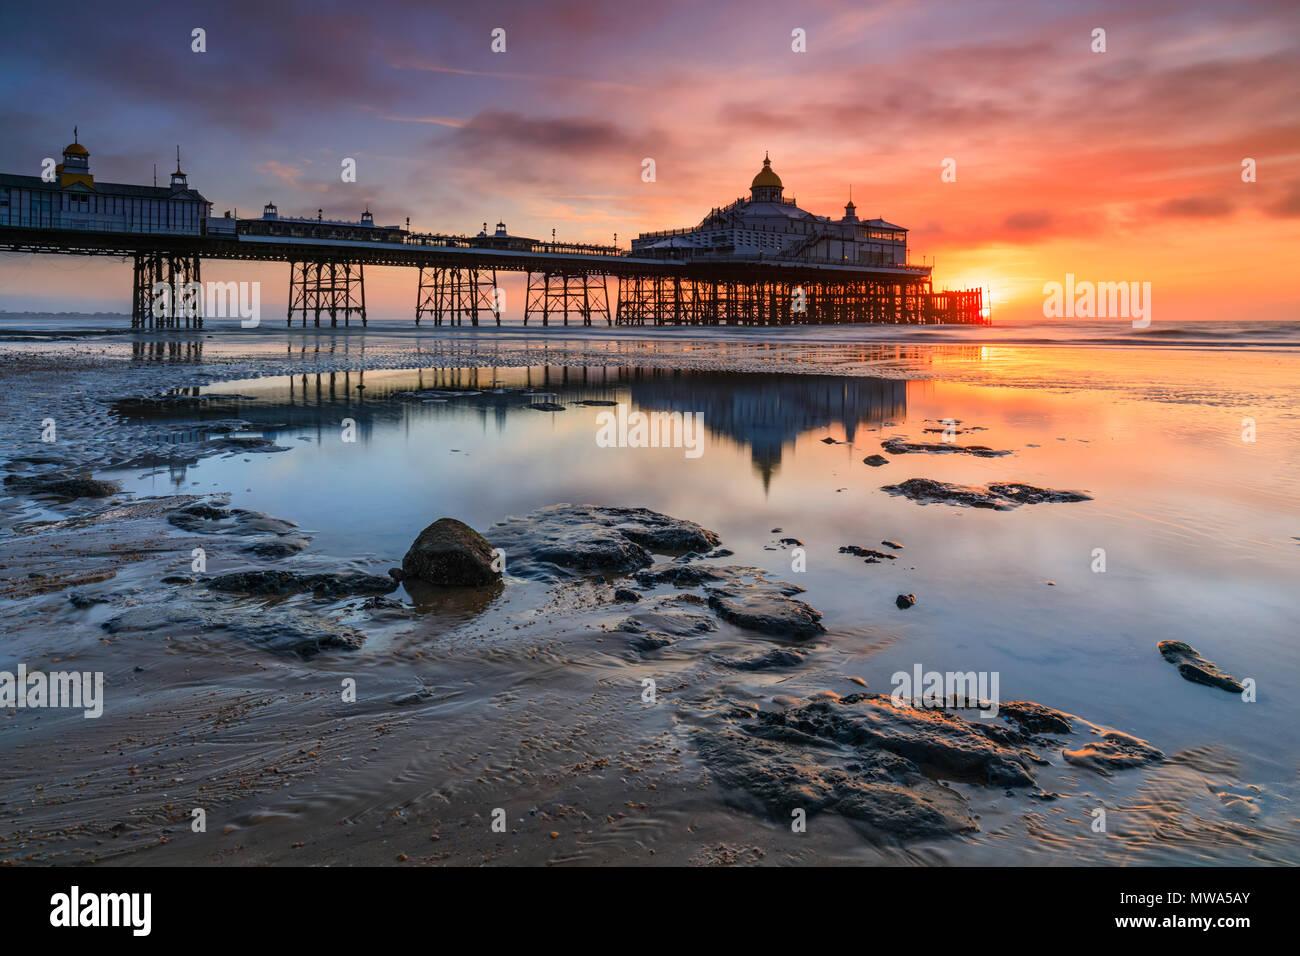 Eastbourne Pier in East Sussex catturata a sunrise Immagini Stock